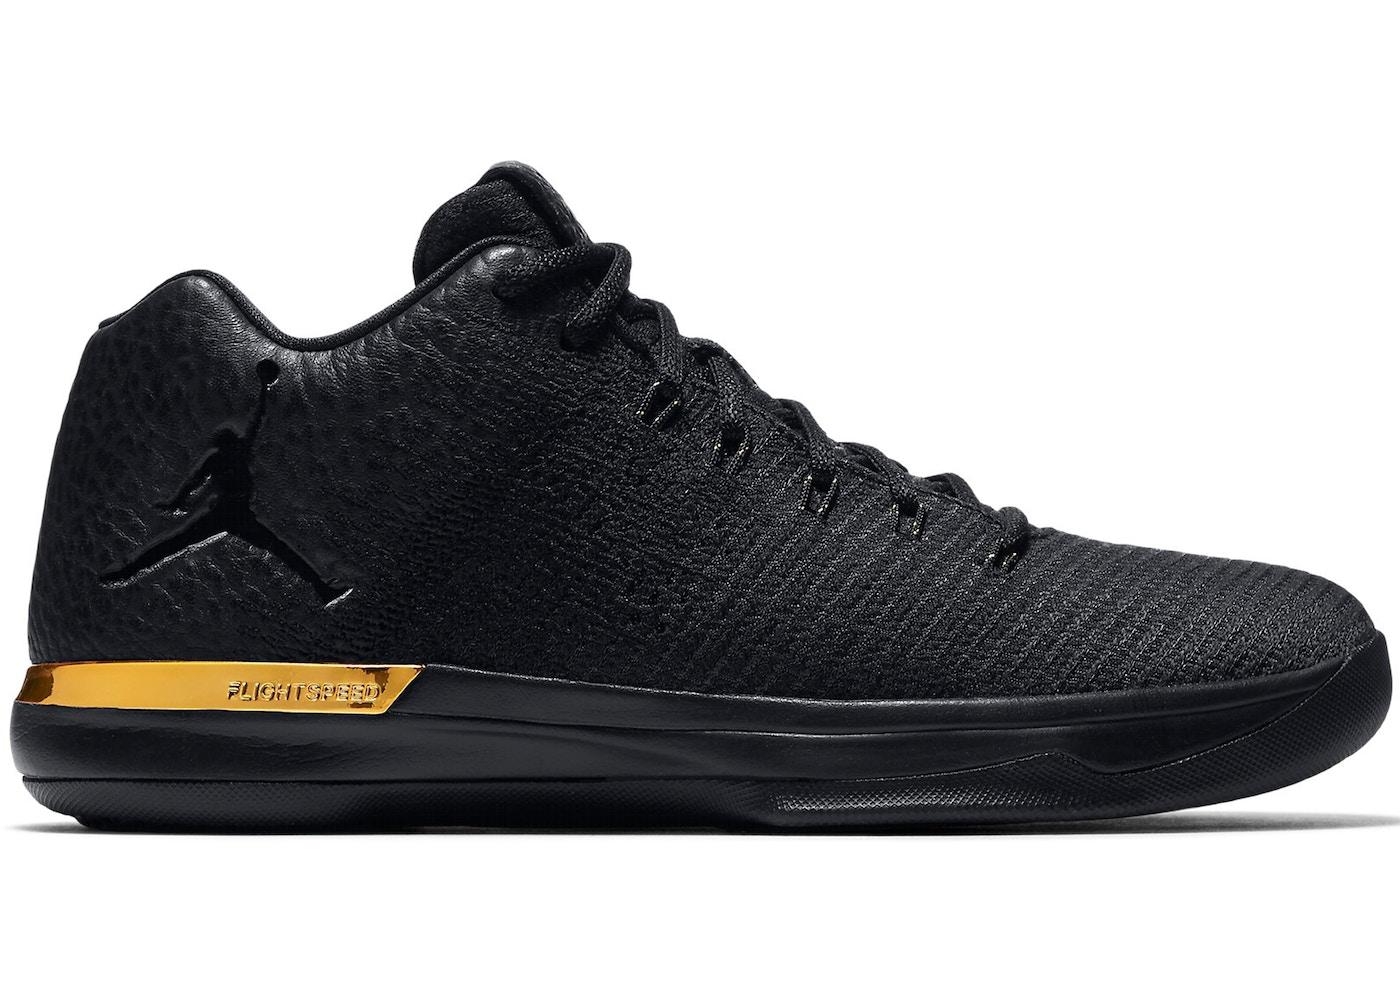 dc69562fc34 Buy Air Jordan 31 Shoes & Deadstock Sneakers